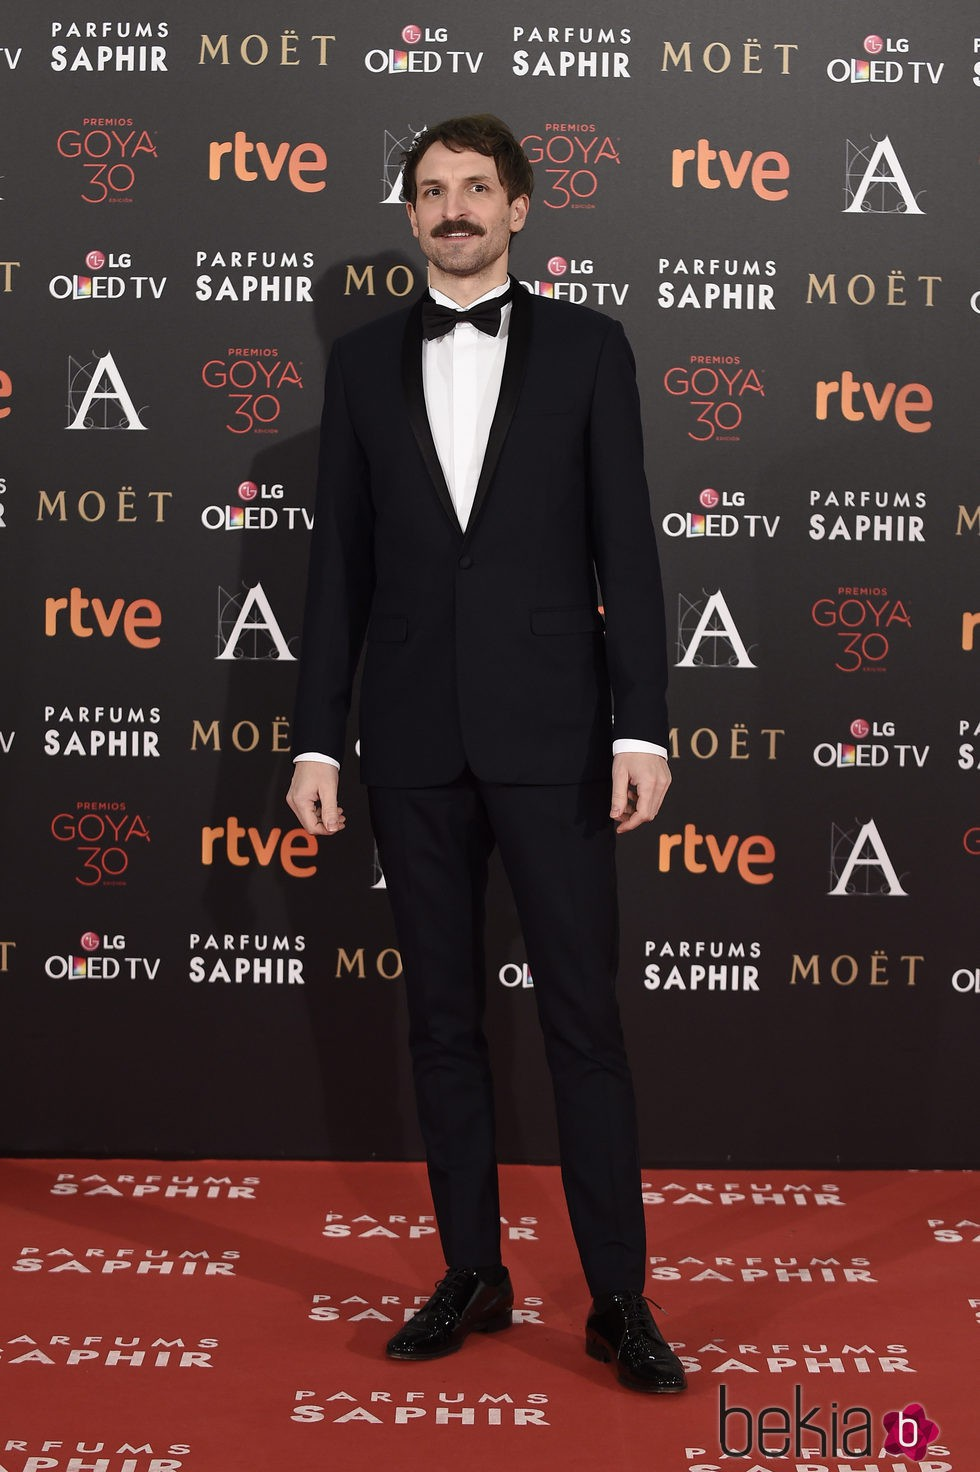 Julián Villagran en la alfombra roja de los Premios Goya 2016